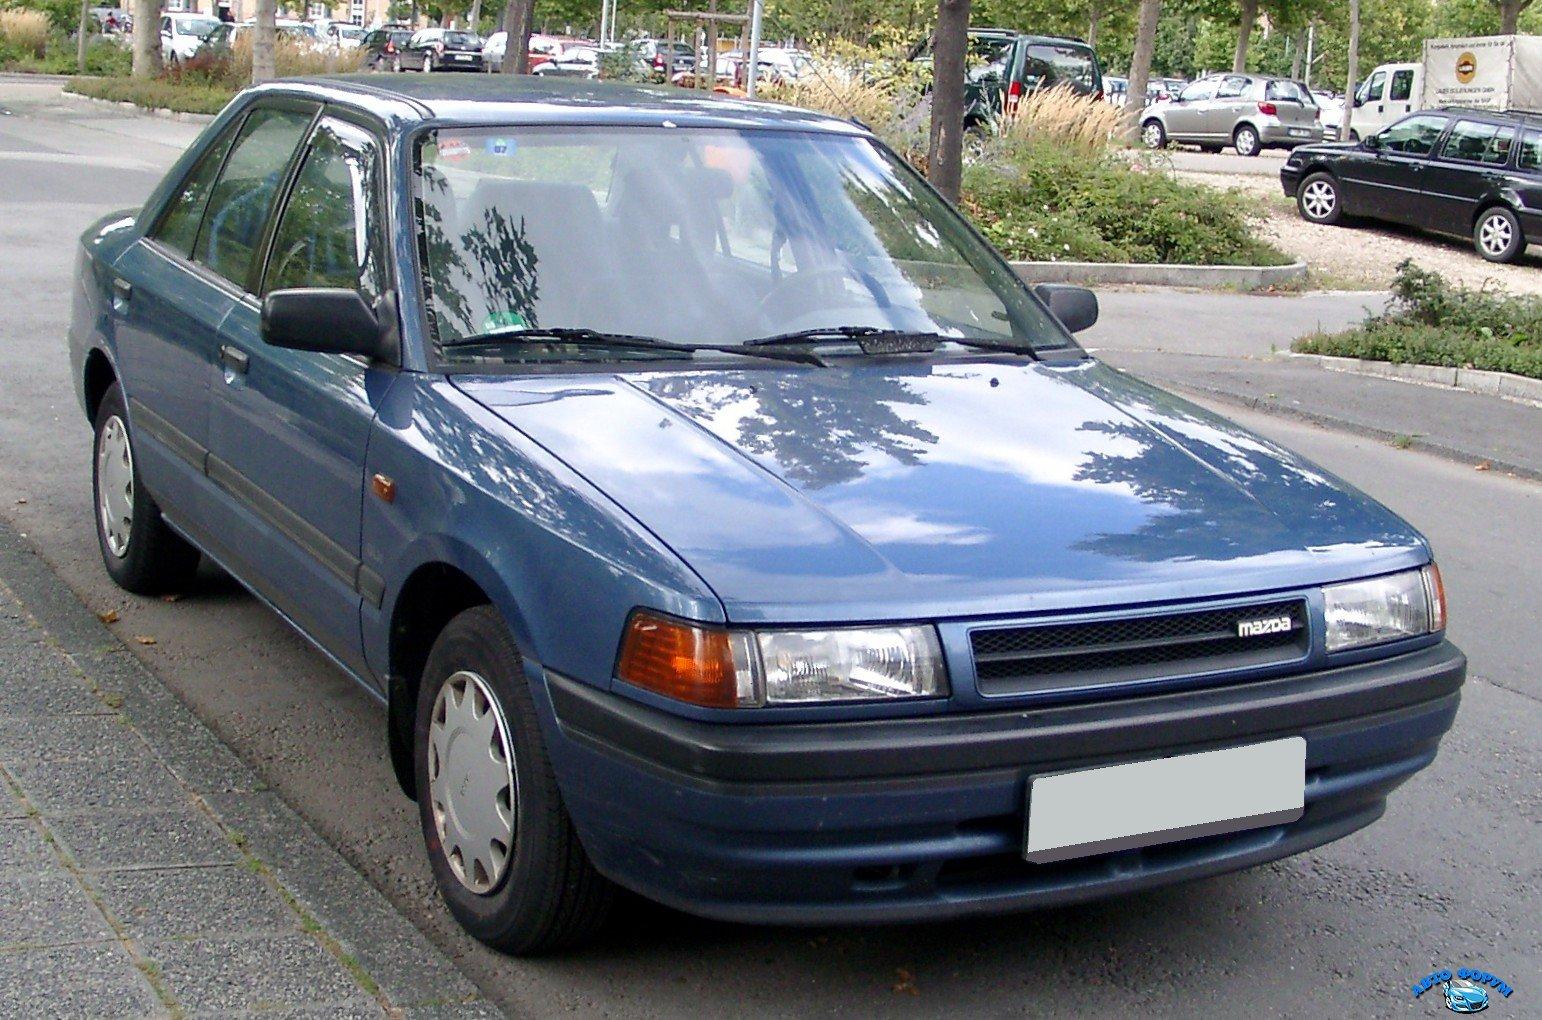 Mazda_323_1992.jpg